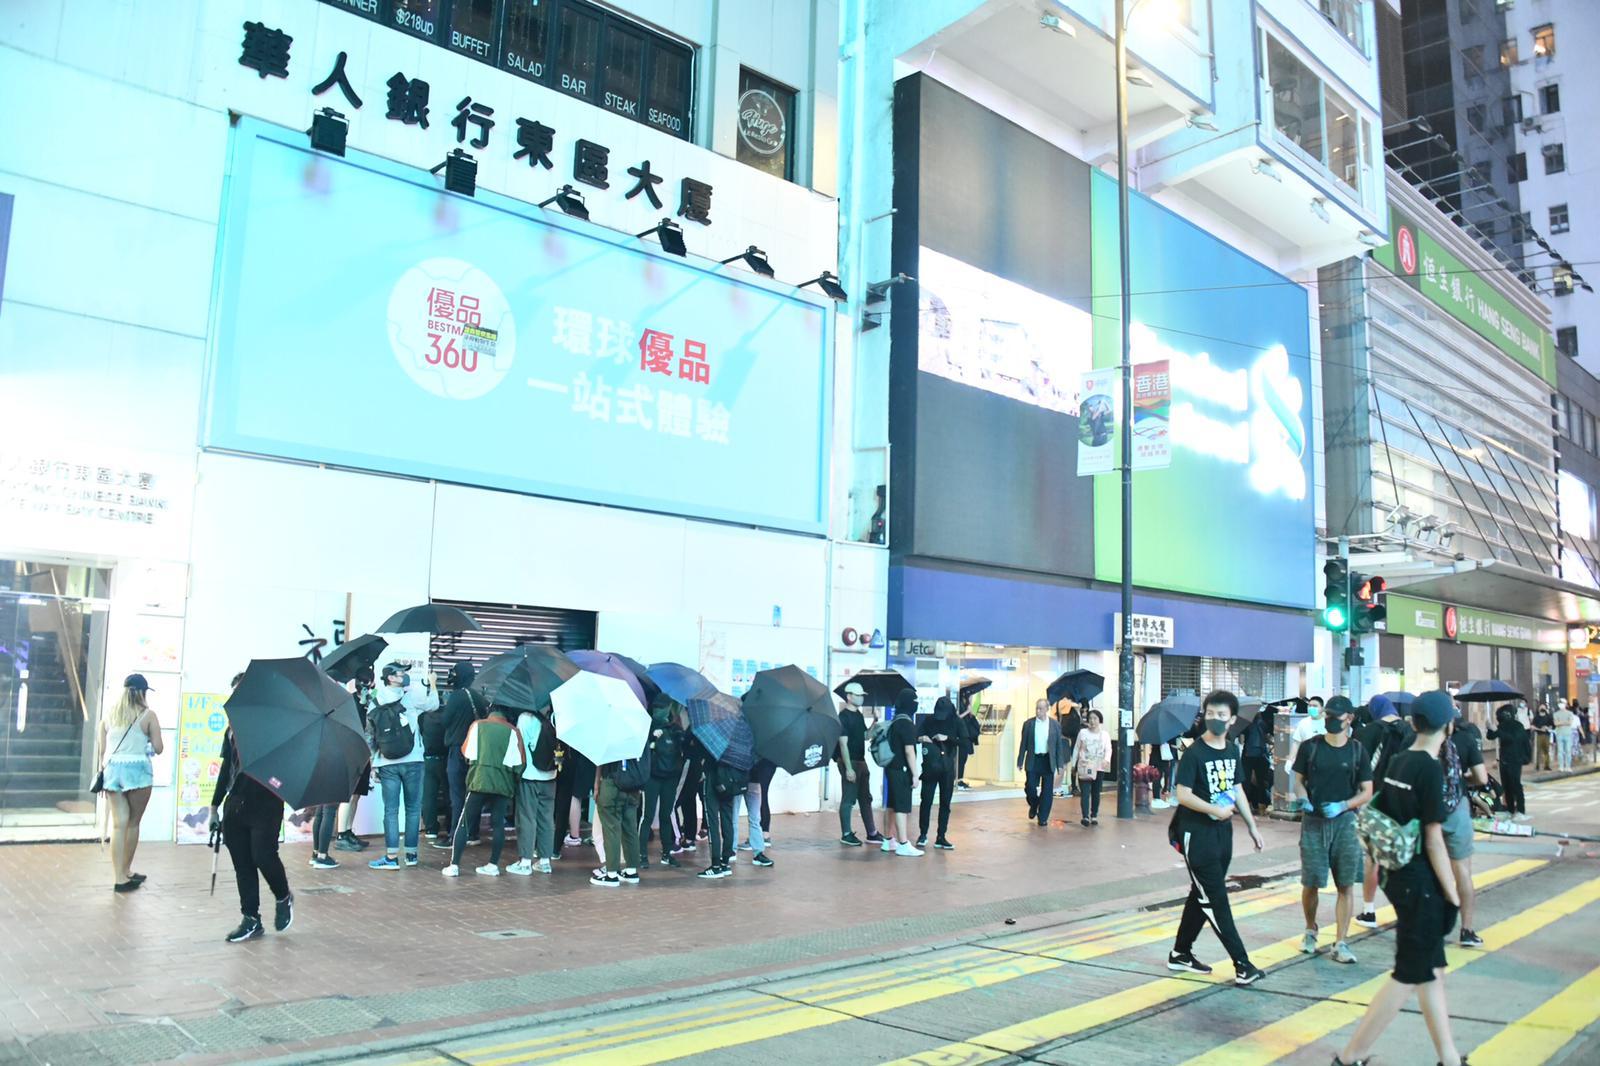 【修例风波】防暴警察铜锣湾傍晚再发催泪弹驱散示威者